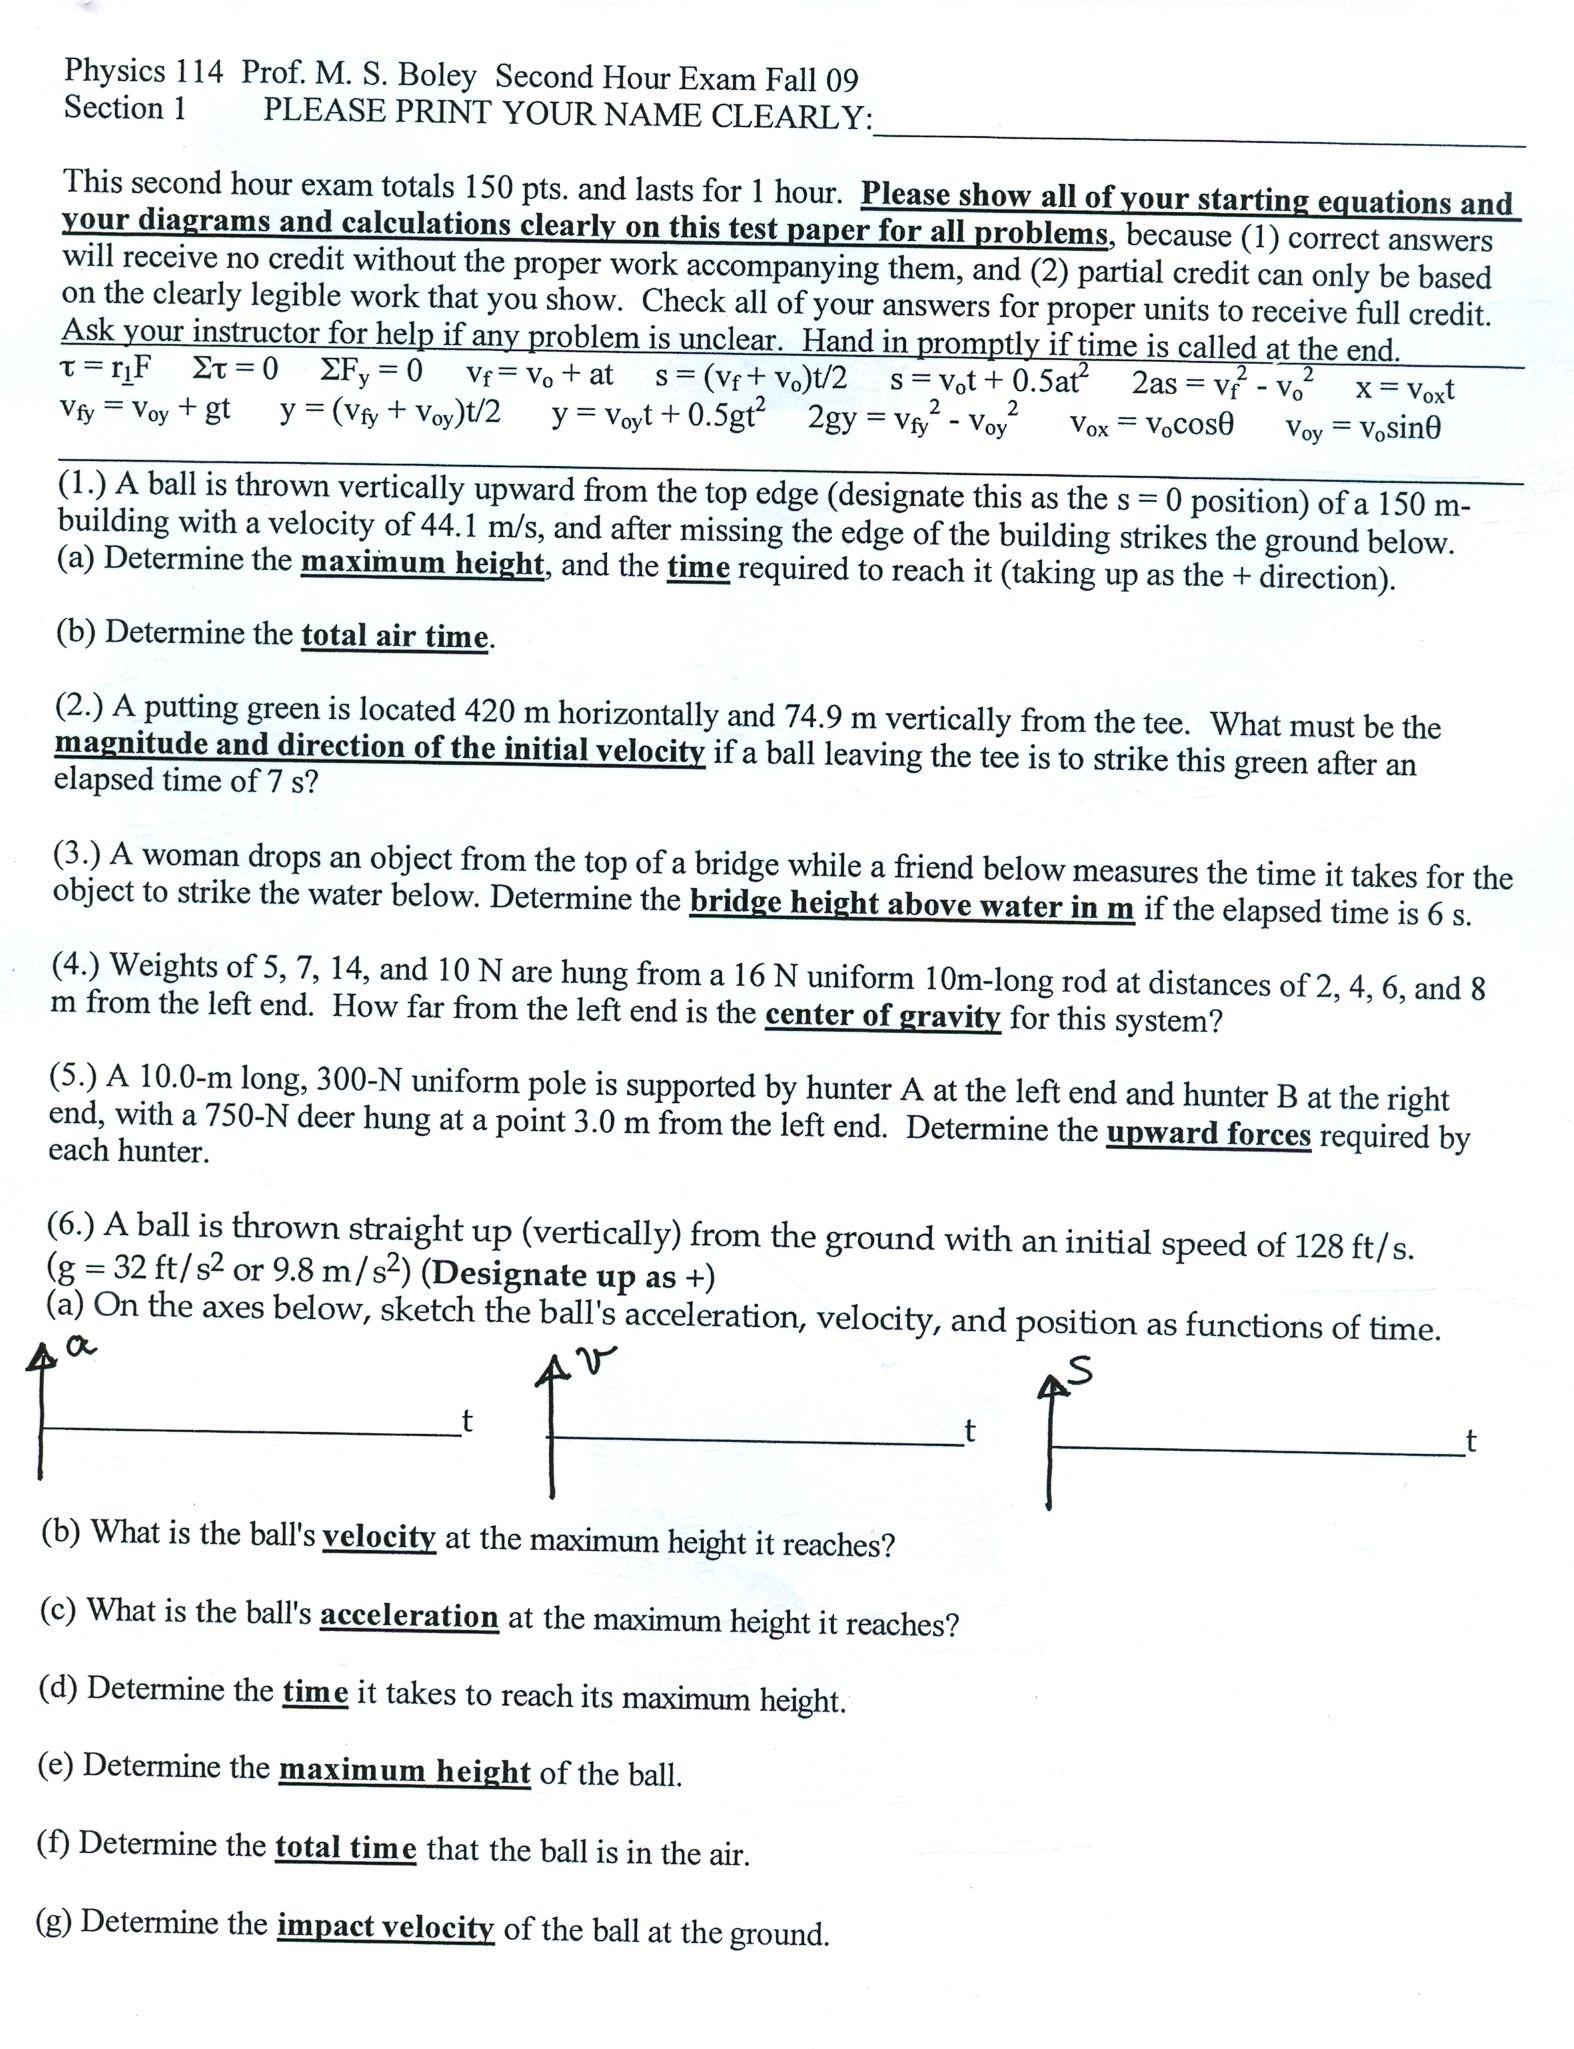 clcv 115 exam 2